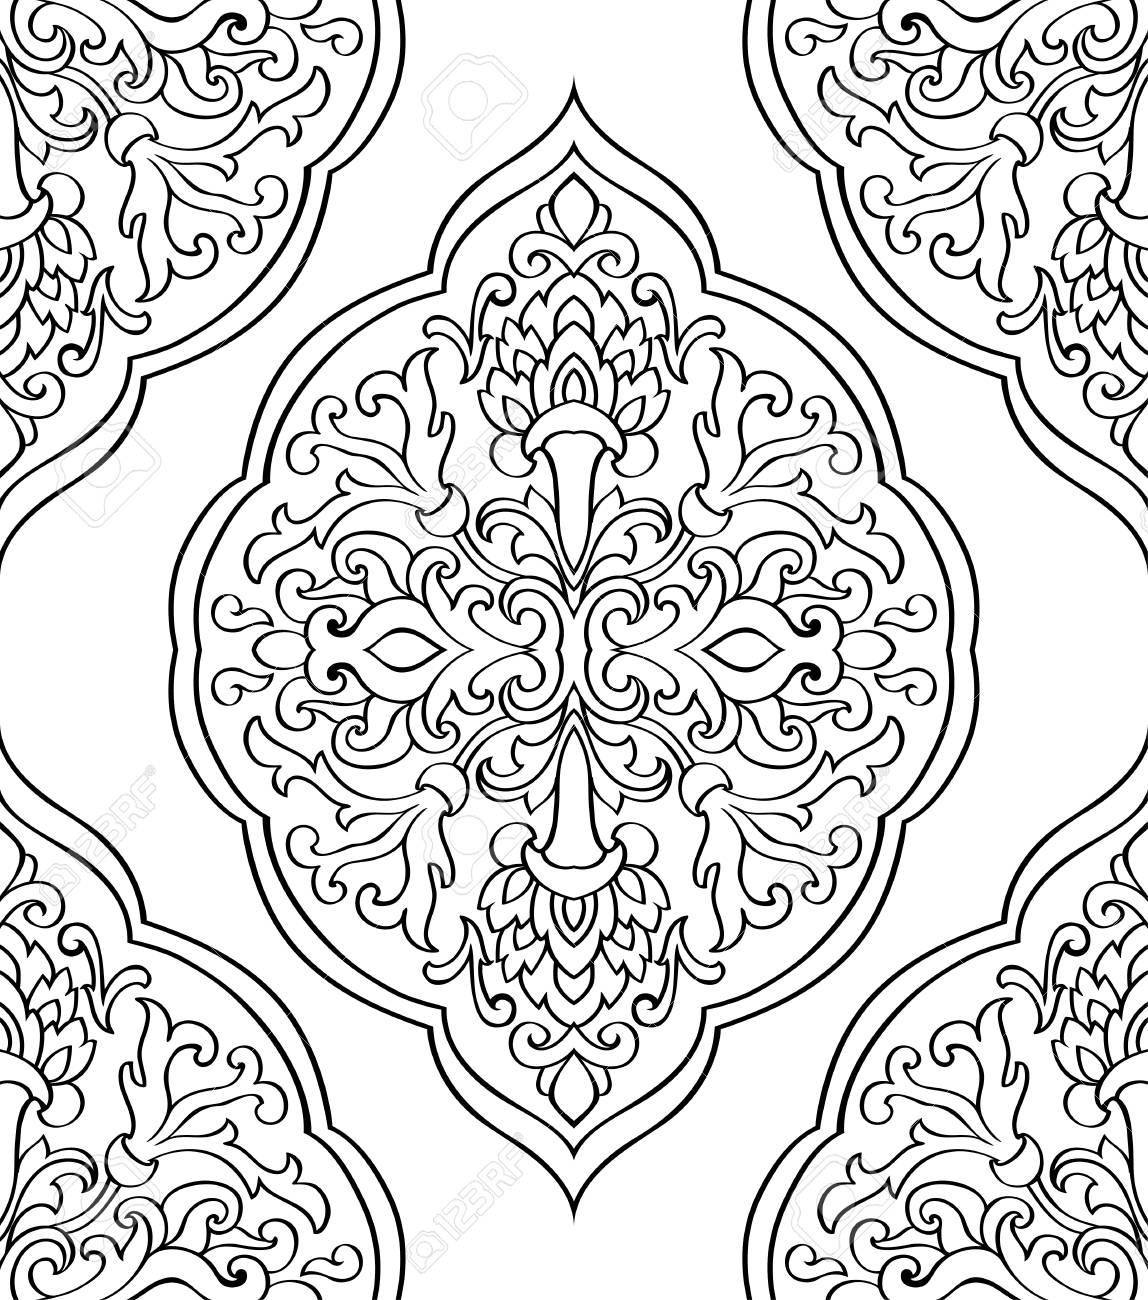 arabische ornamente malvorlagen  Coloring and Malvorlagan